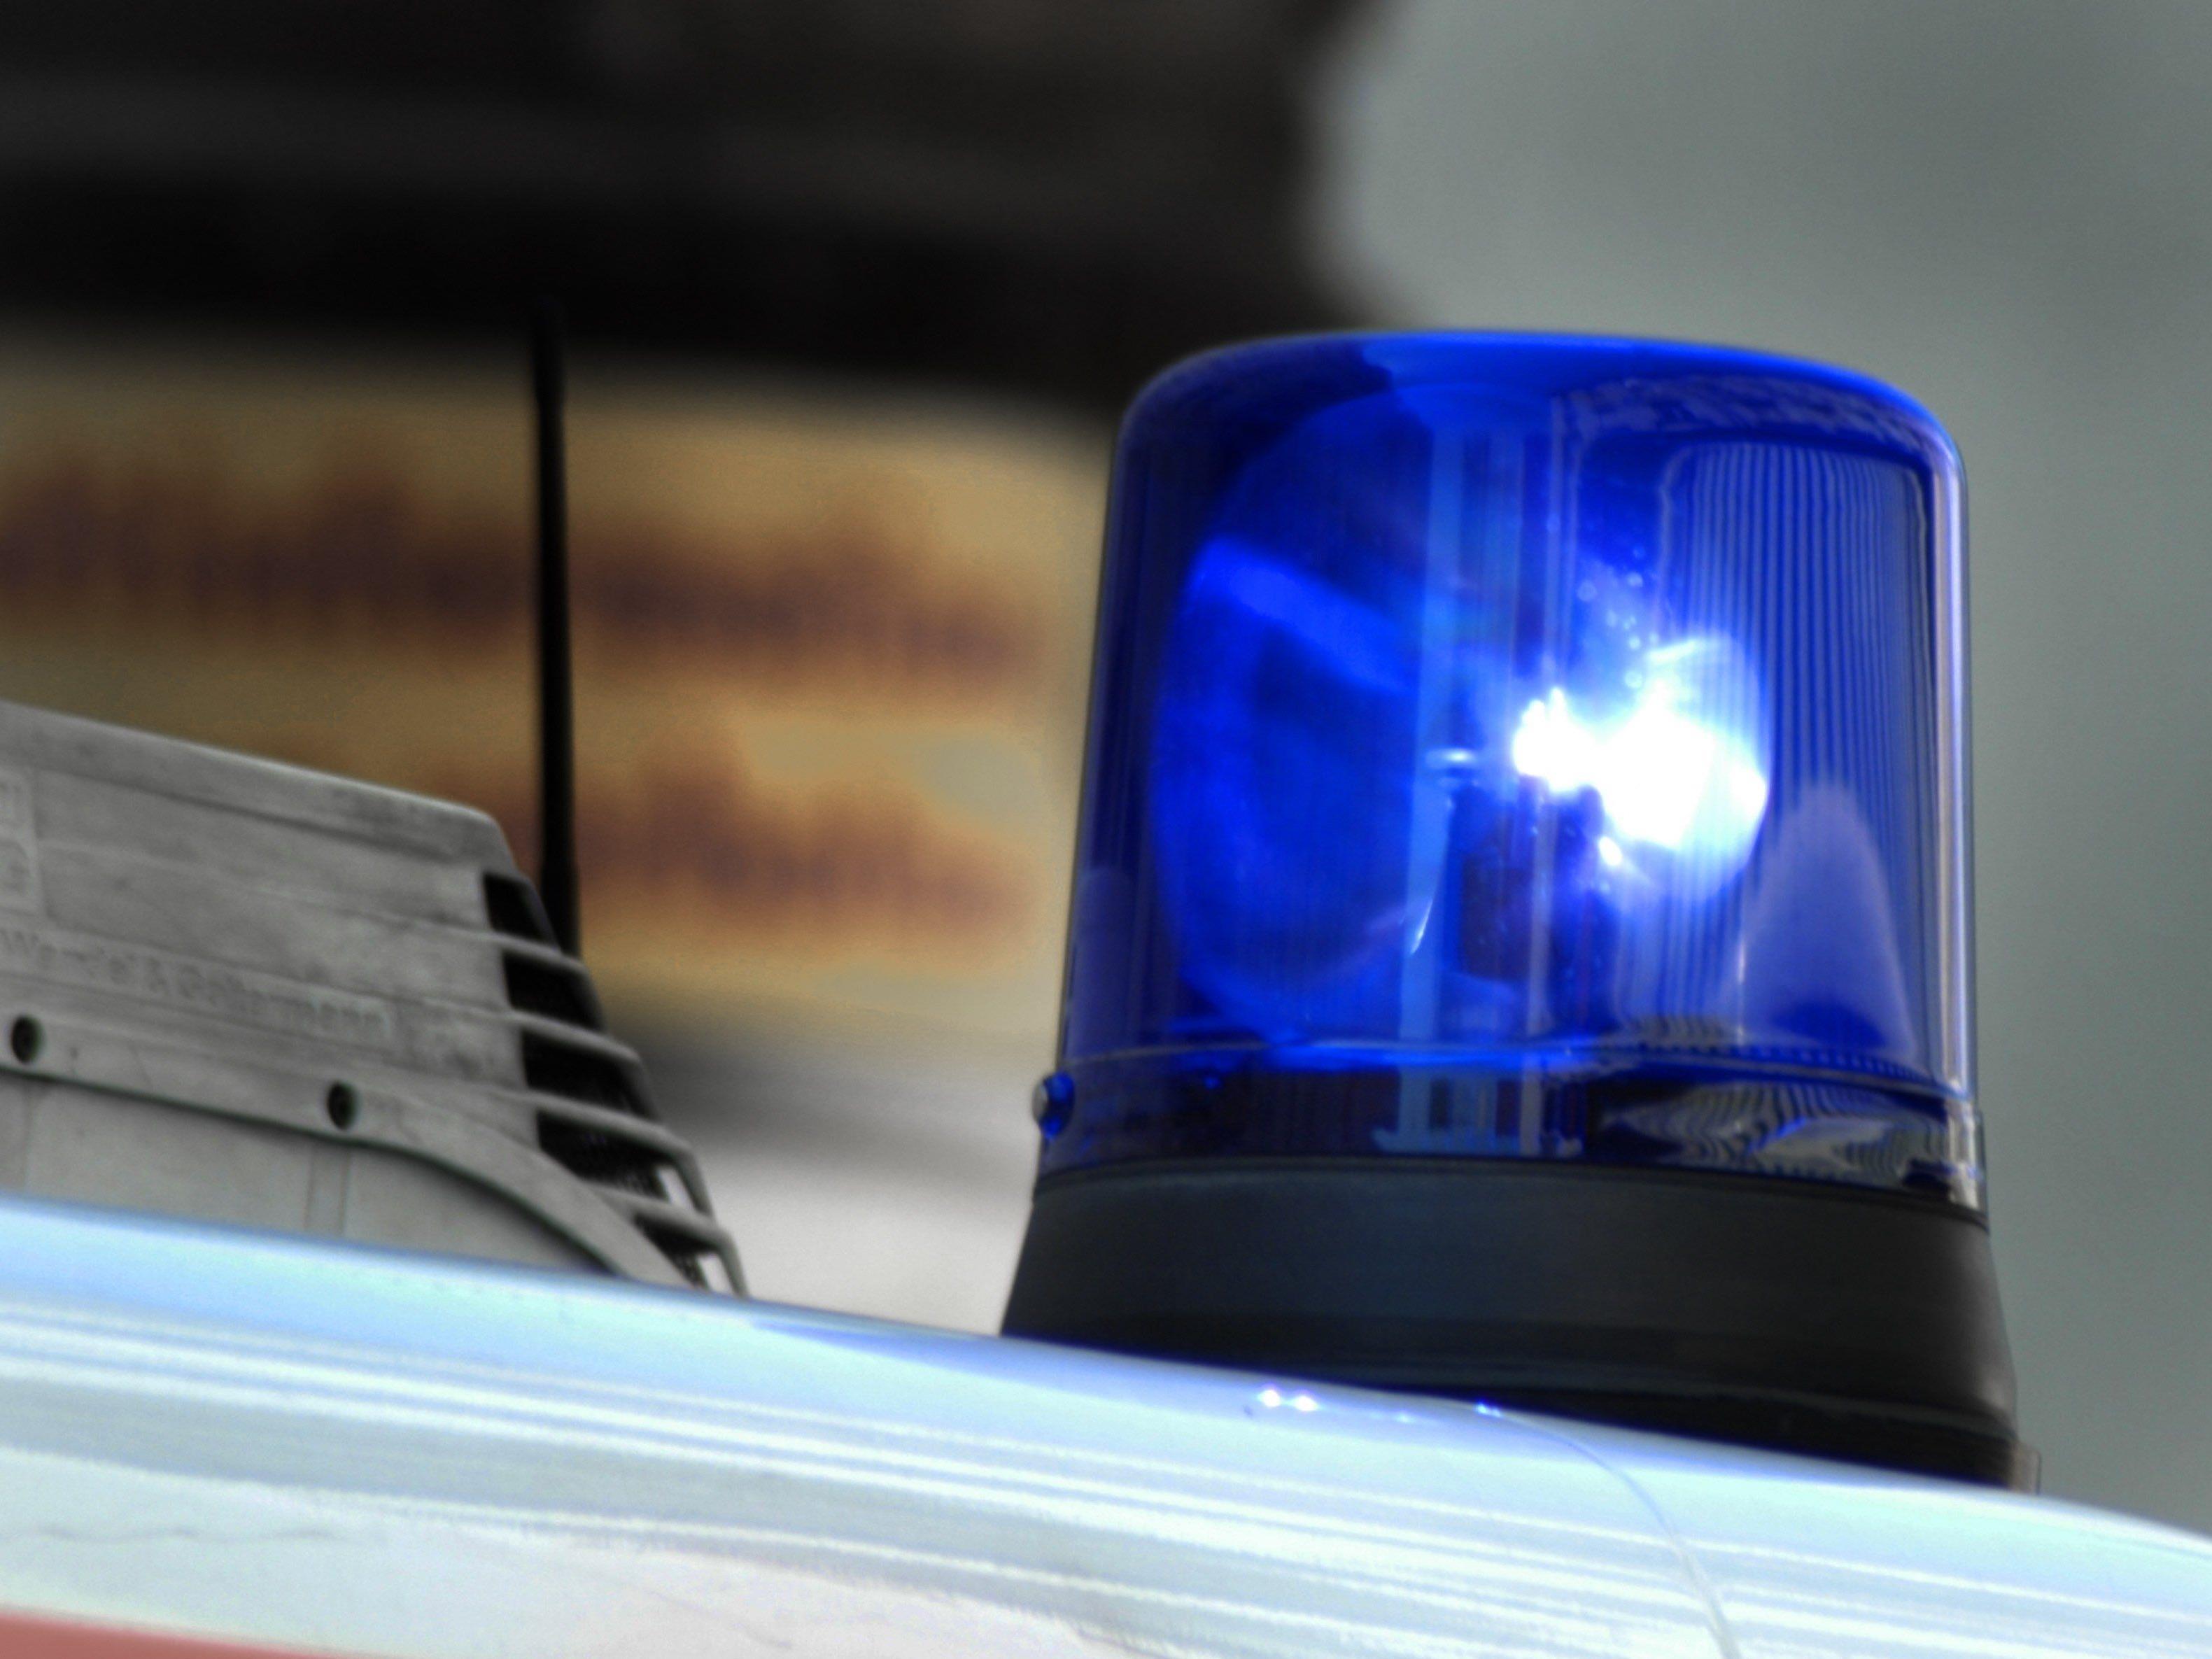 Mopedlenker bei Sturz schwer verletzt.